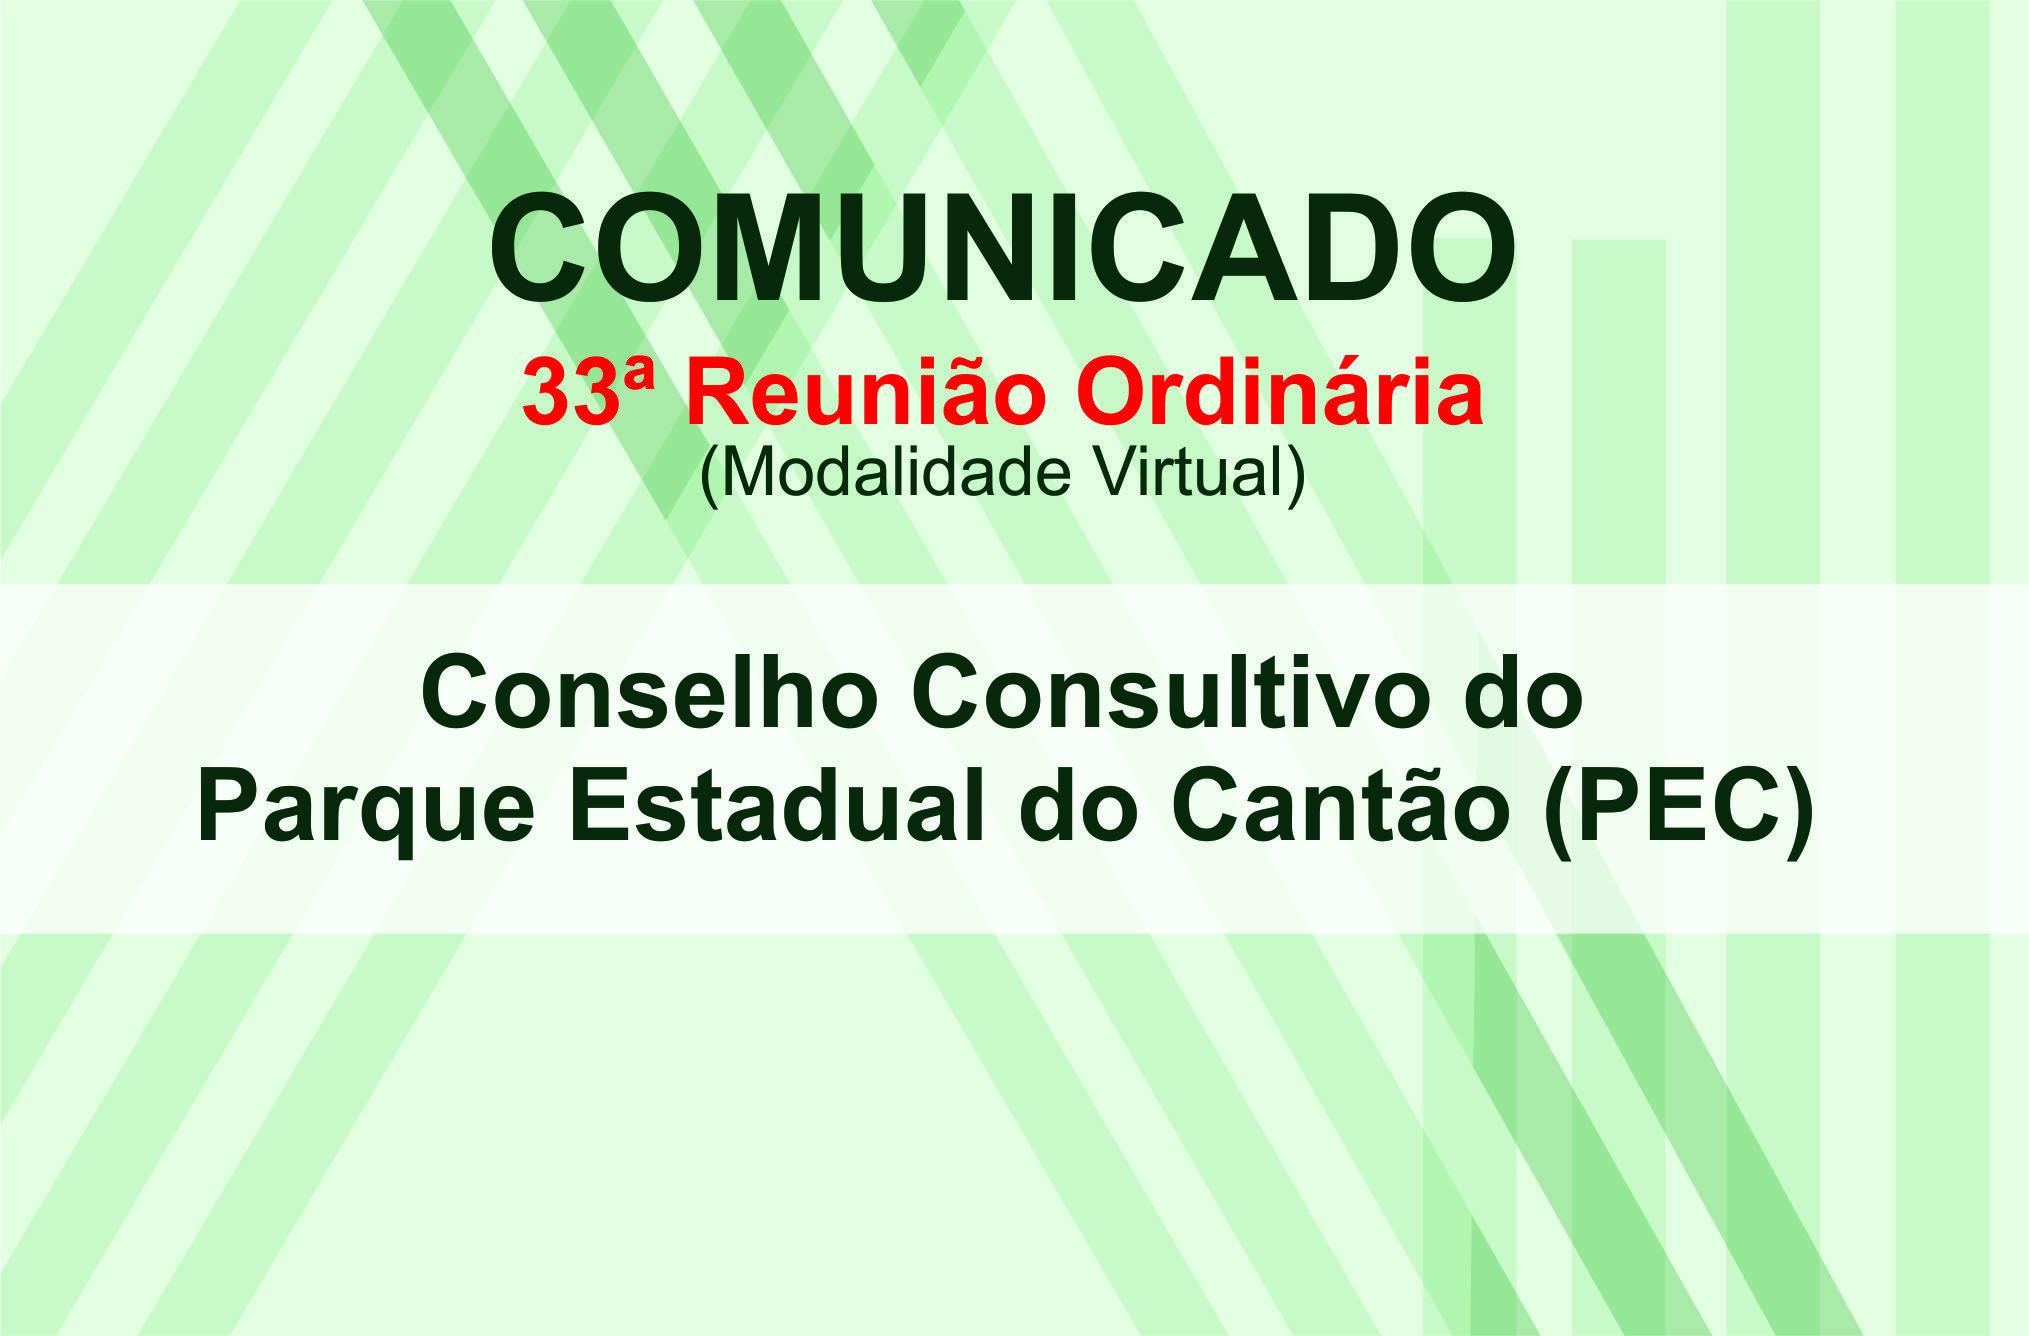 COMUNICADO - Conselho Consultivo Parque Estadual do Cantão - PEC_Divulgação-Naturatins.jpg